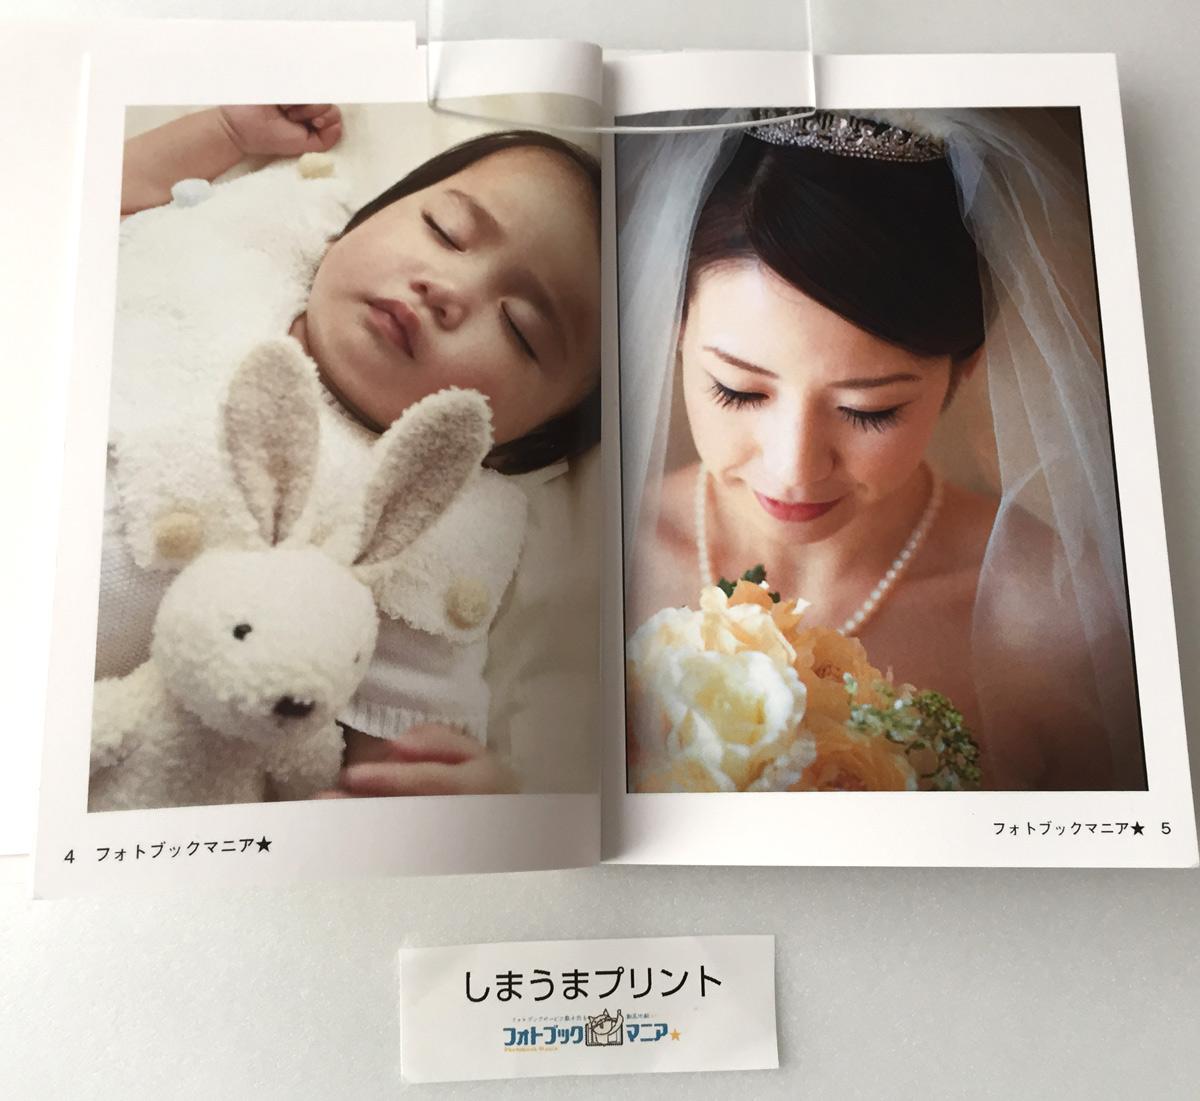 スマホ対応【即日発送/短納期】のフォトブック